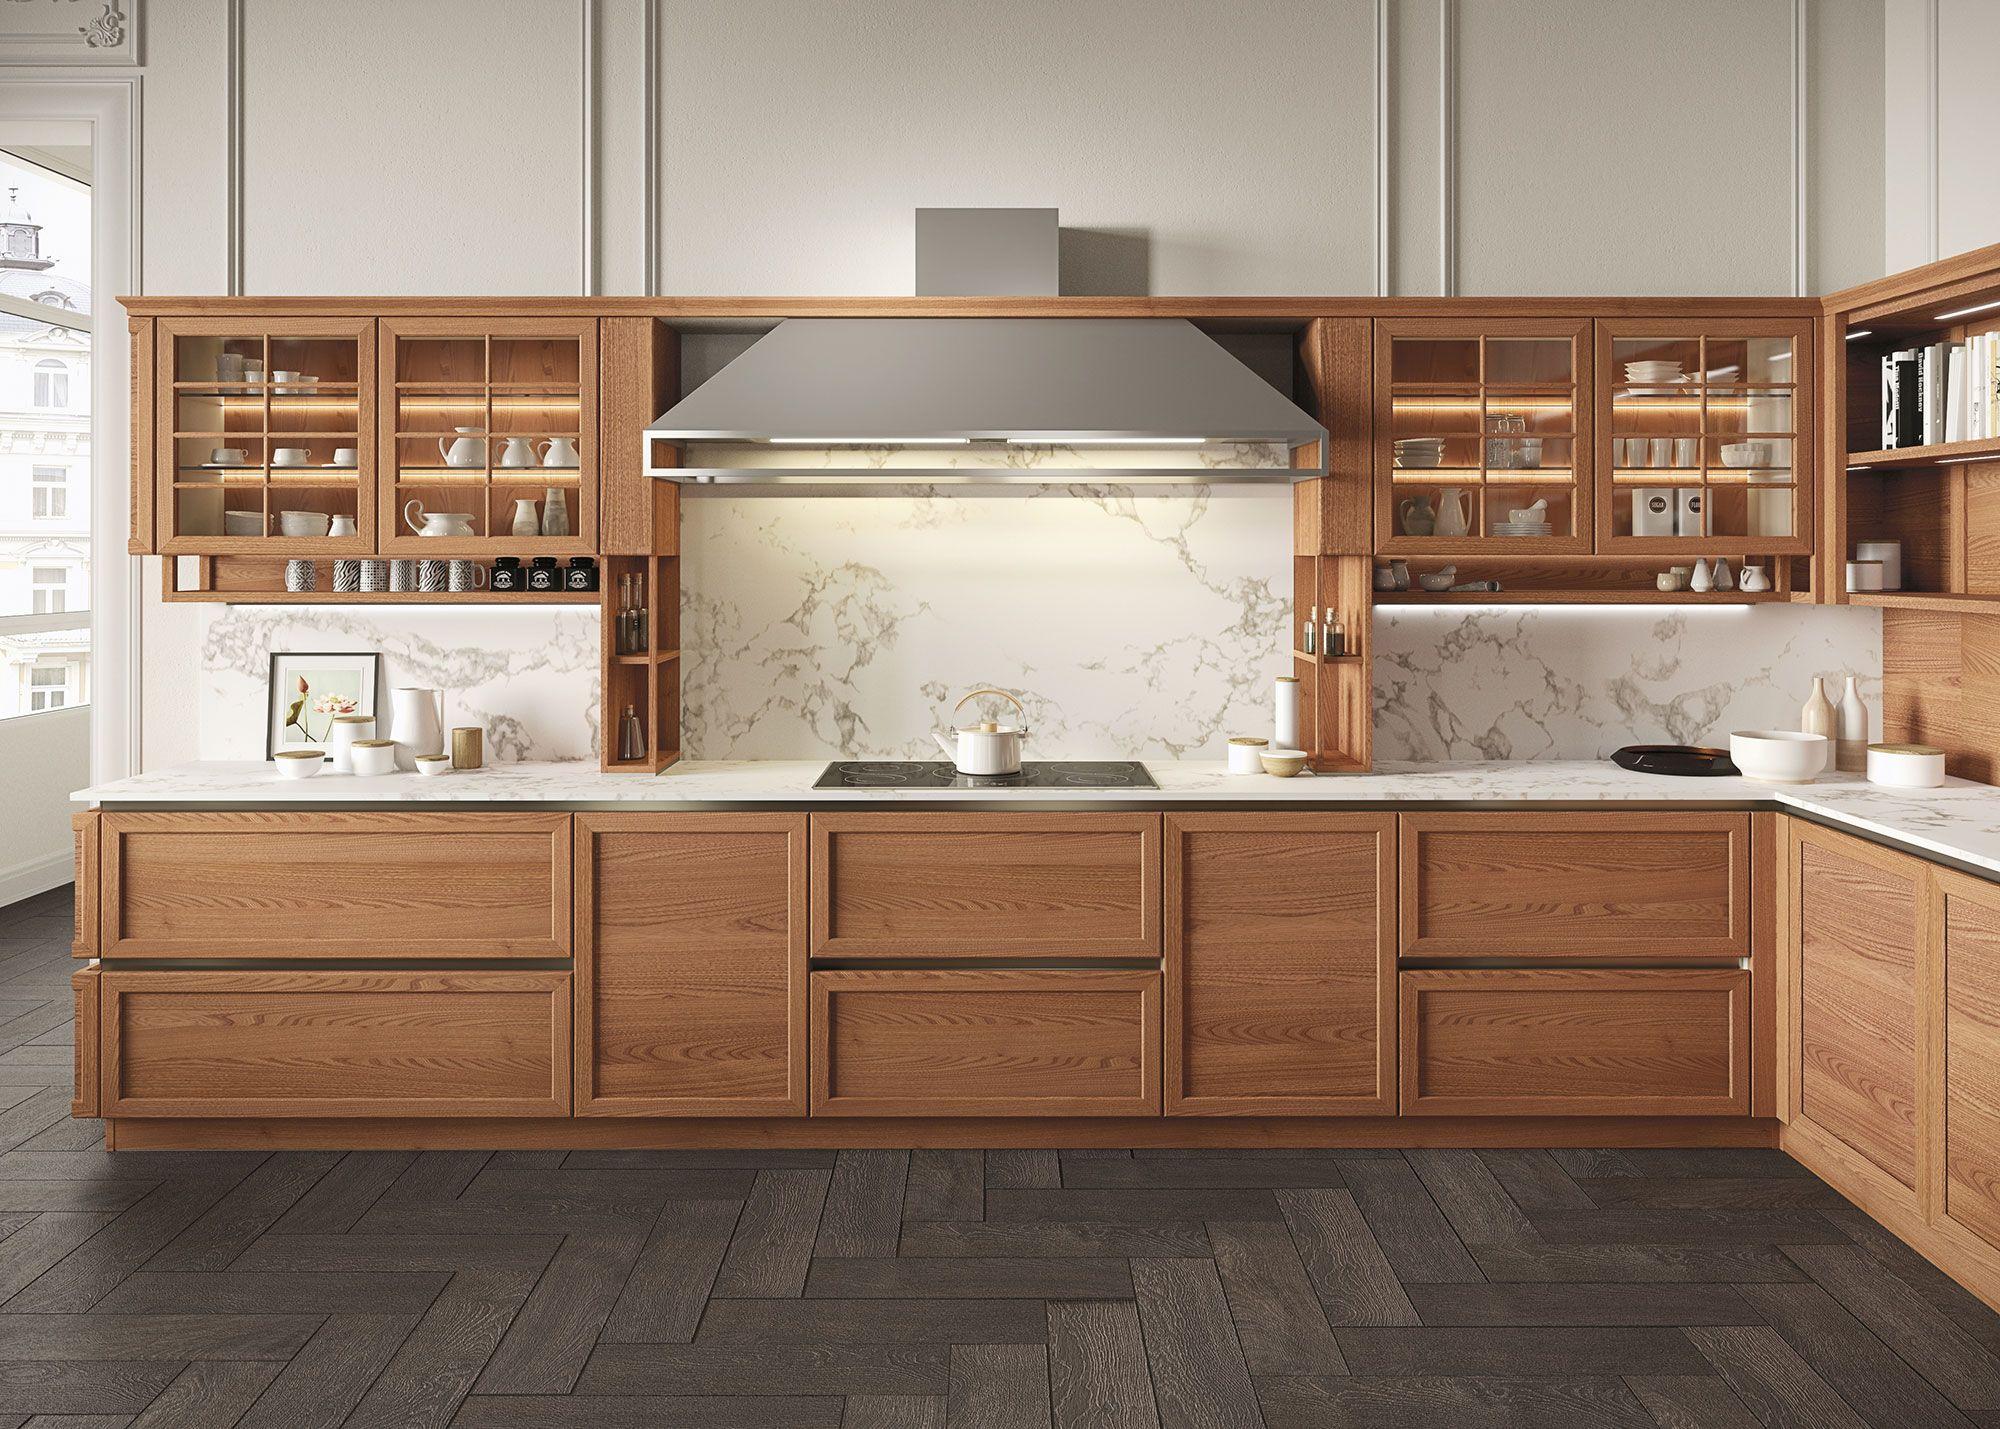 Cucine classiche: cucina design Iosa Ghini con Heritage | Snaidero ...